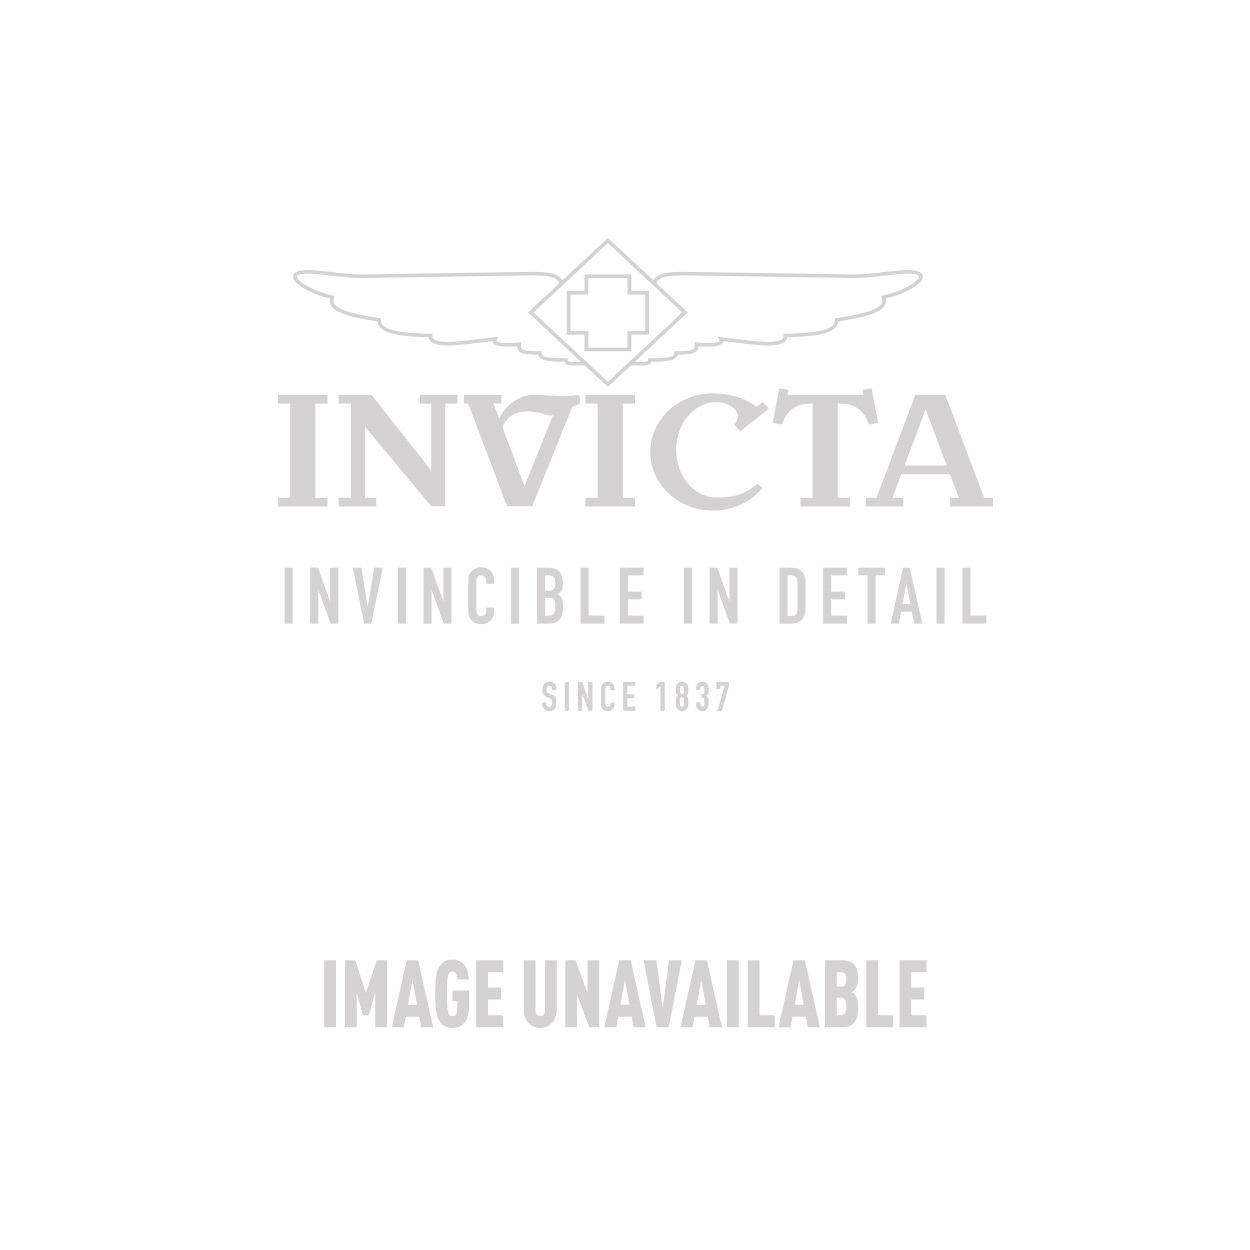 Invicta Model 28301